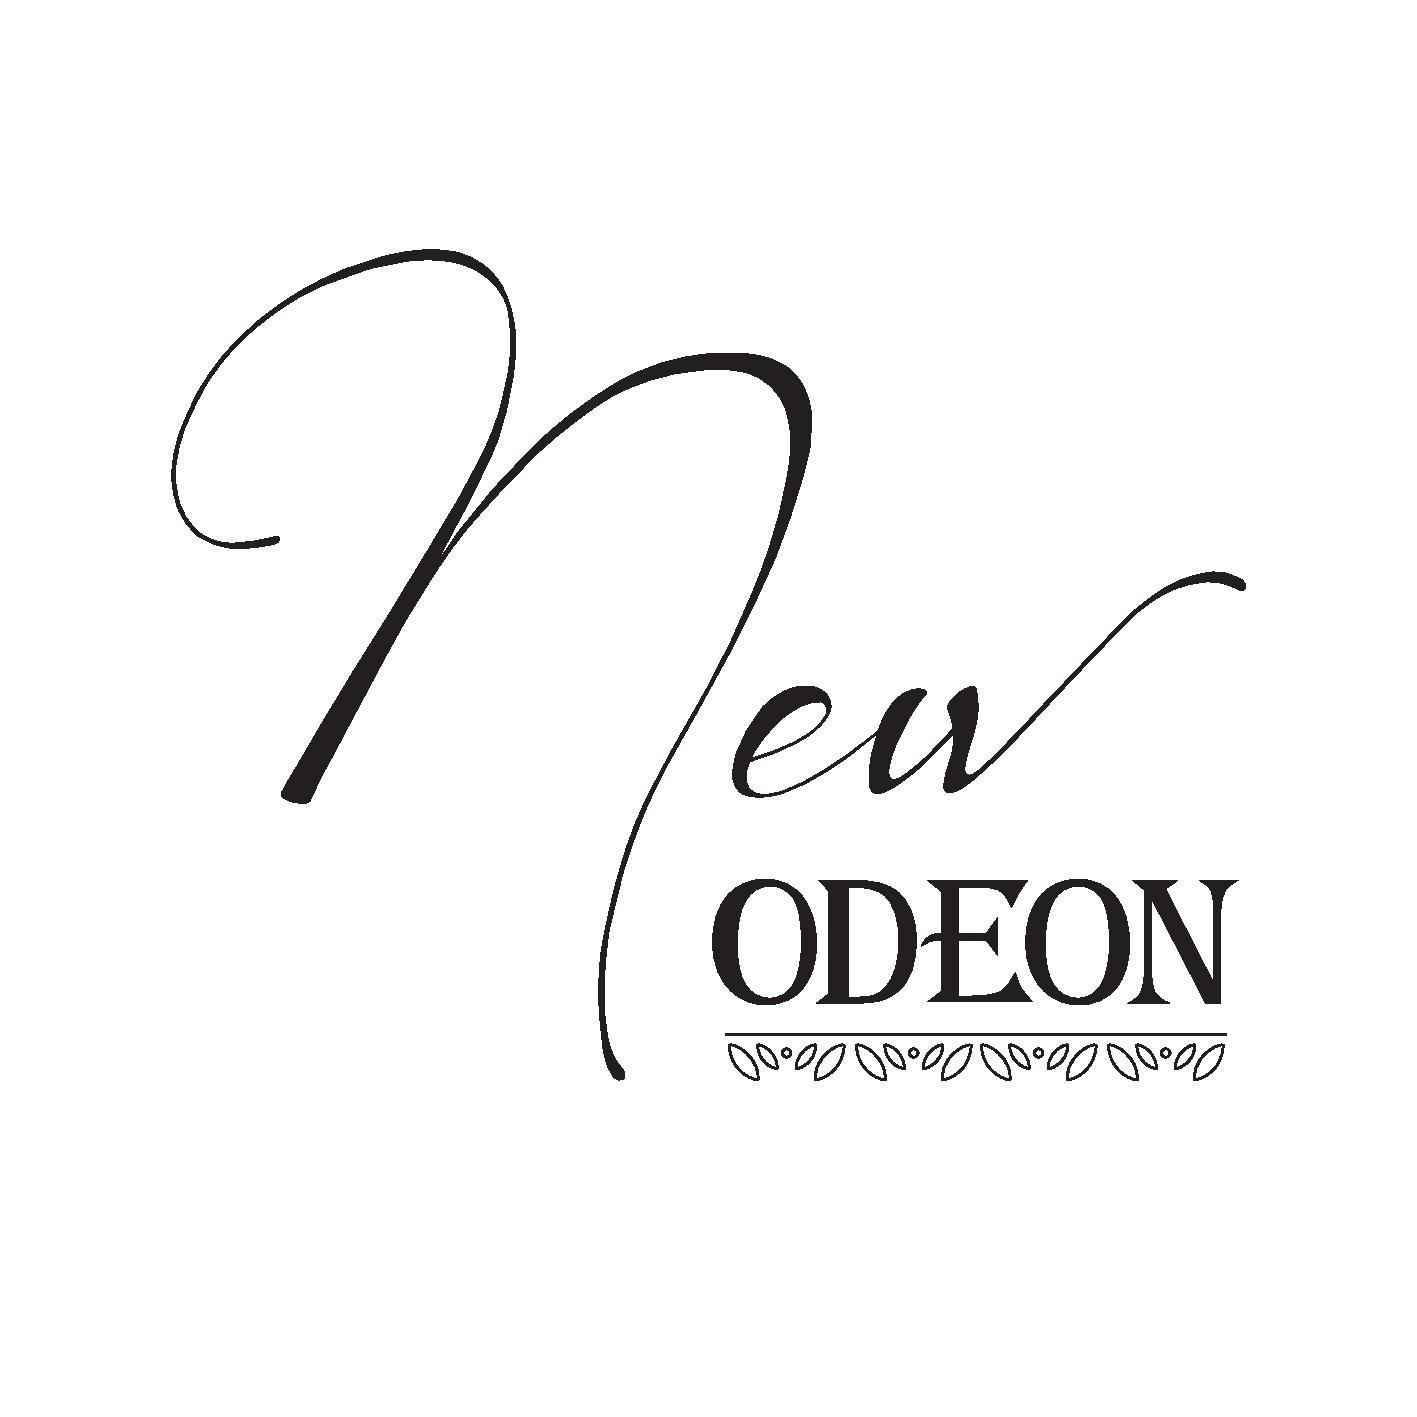 WedReviews - מקום לאירוע - אודאון | odeon